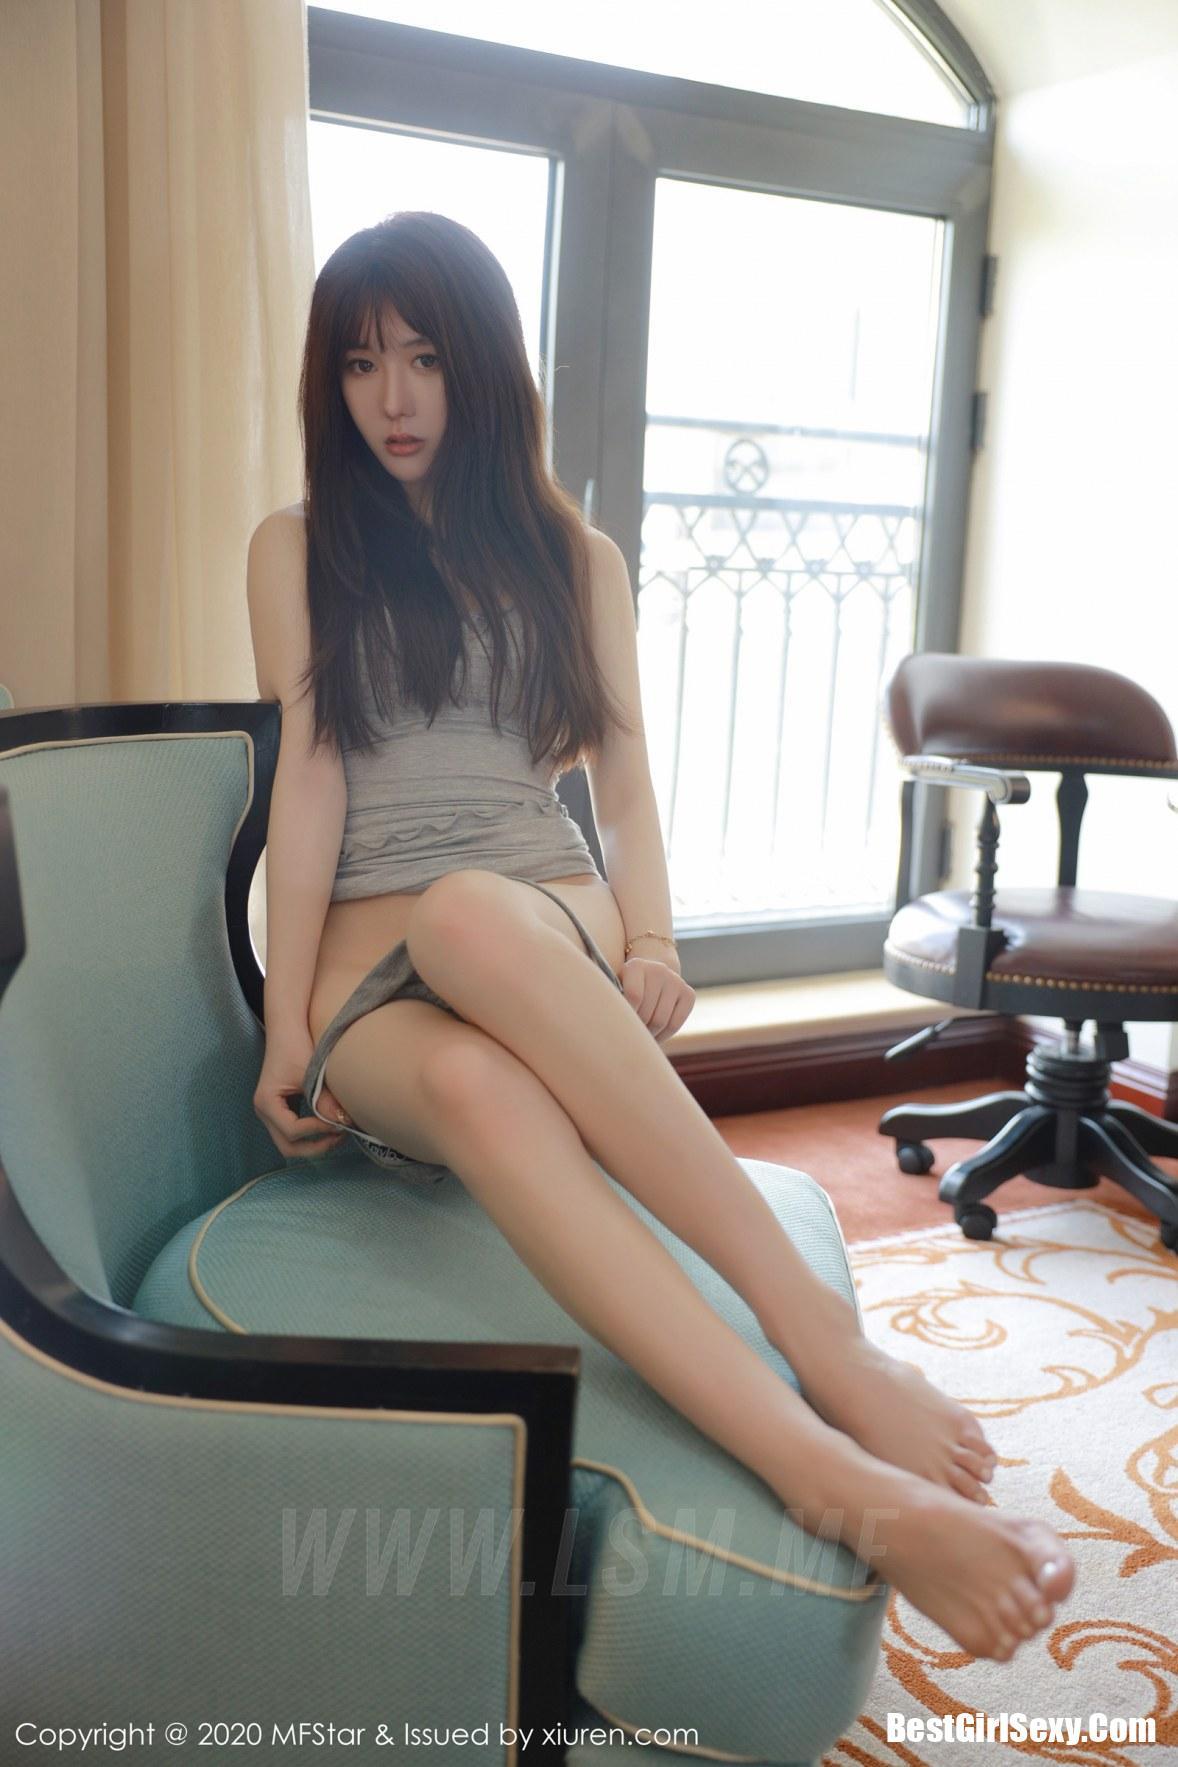 MFStar Vol.331 Xue Qi Qi - Best Girl Sexy